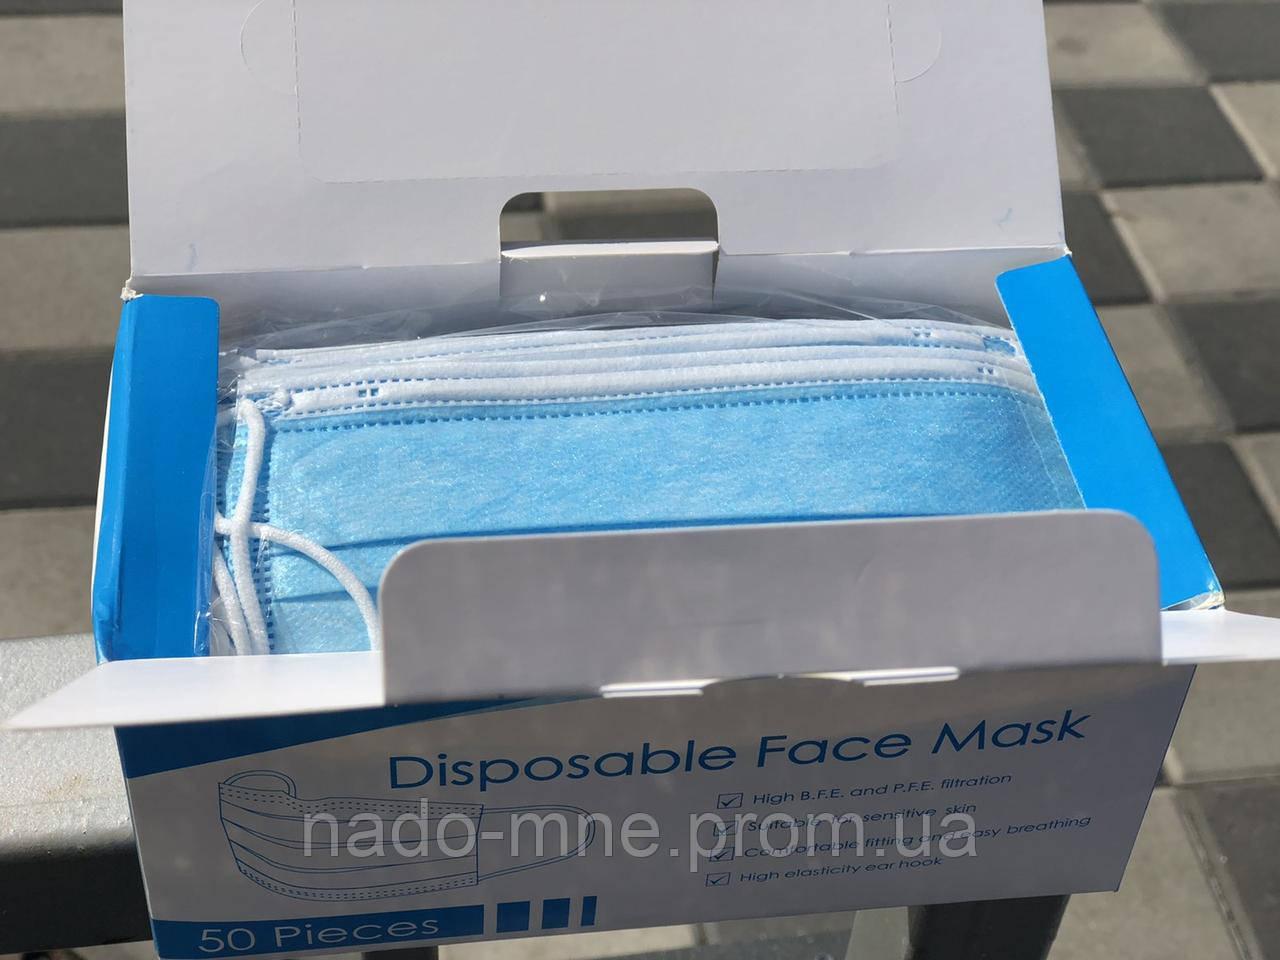 ОРИГИНАЛЬНЫЕ медицинские маски (пропаяные) трехслойные одноразовые, заказ кратно упаковке 50 шт.